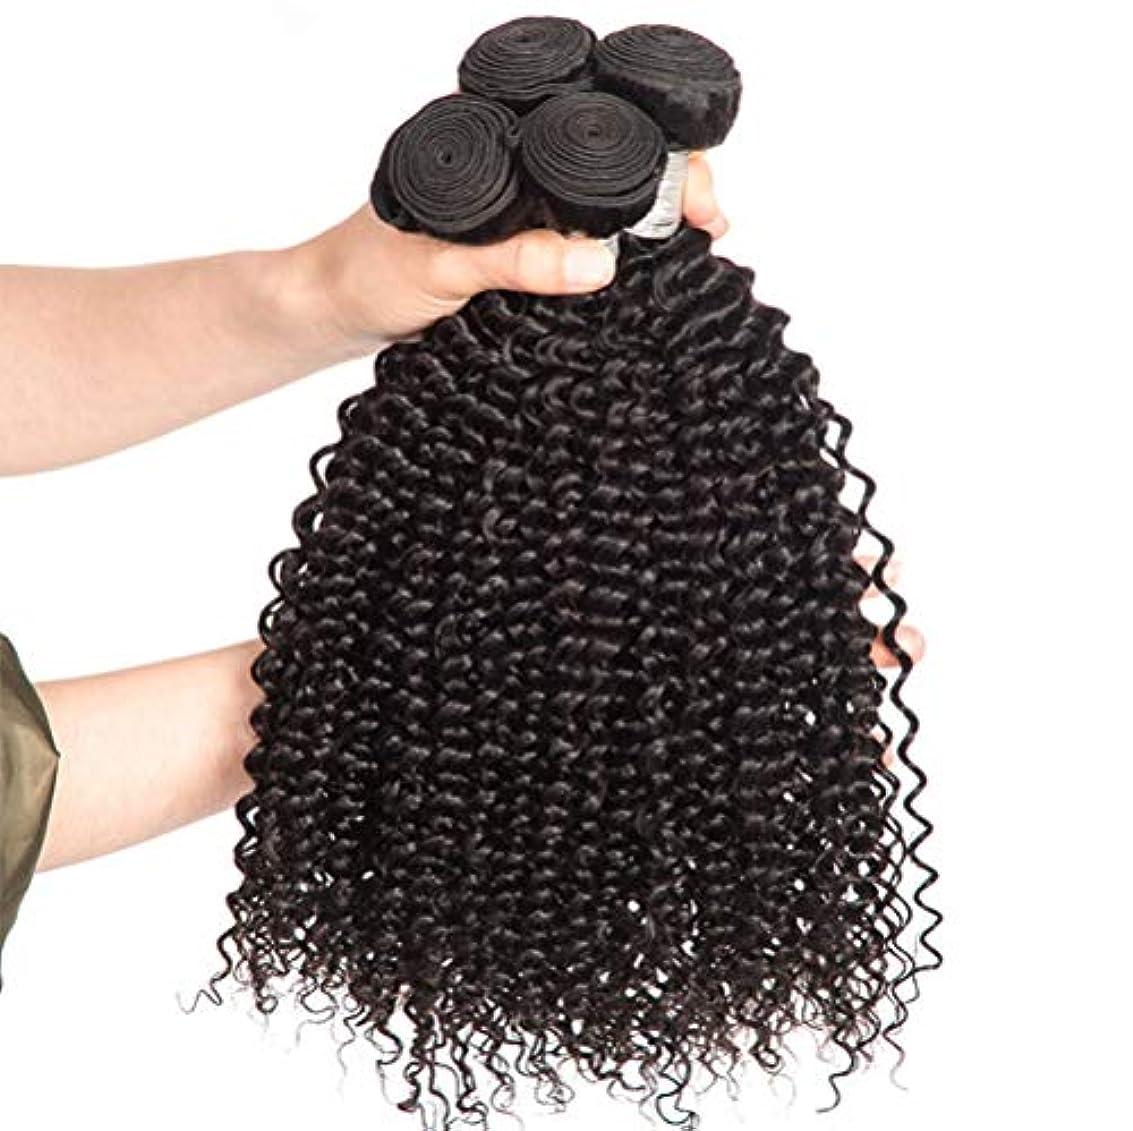 急襲恐怖差別女性150%密度ブラジルの変態カーリーヘアバンドルブラジルの髪1バンドルブラジル人毛バンドルカーリーヘア